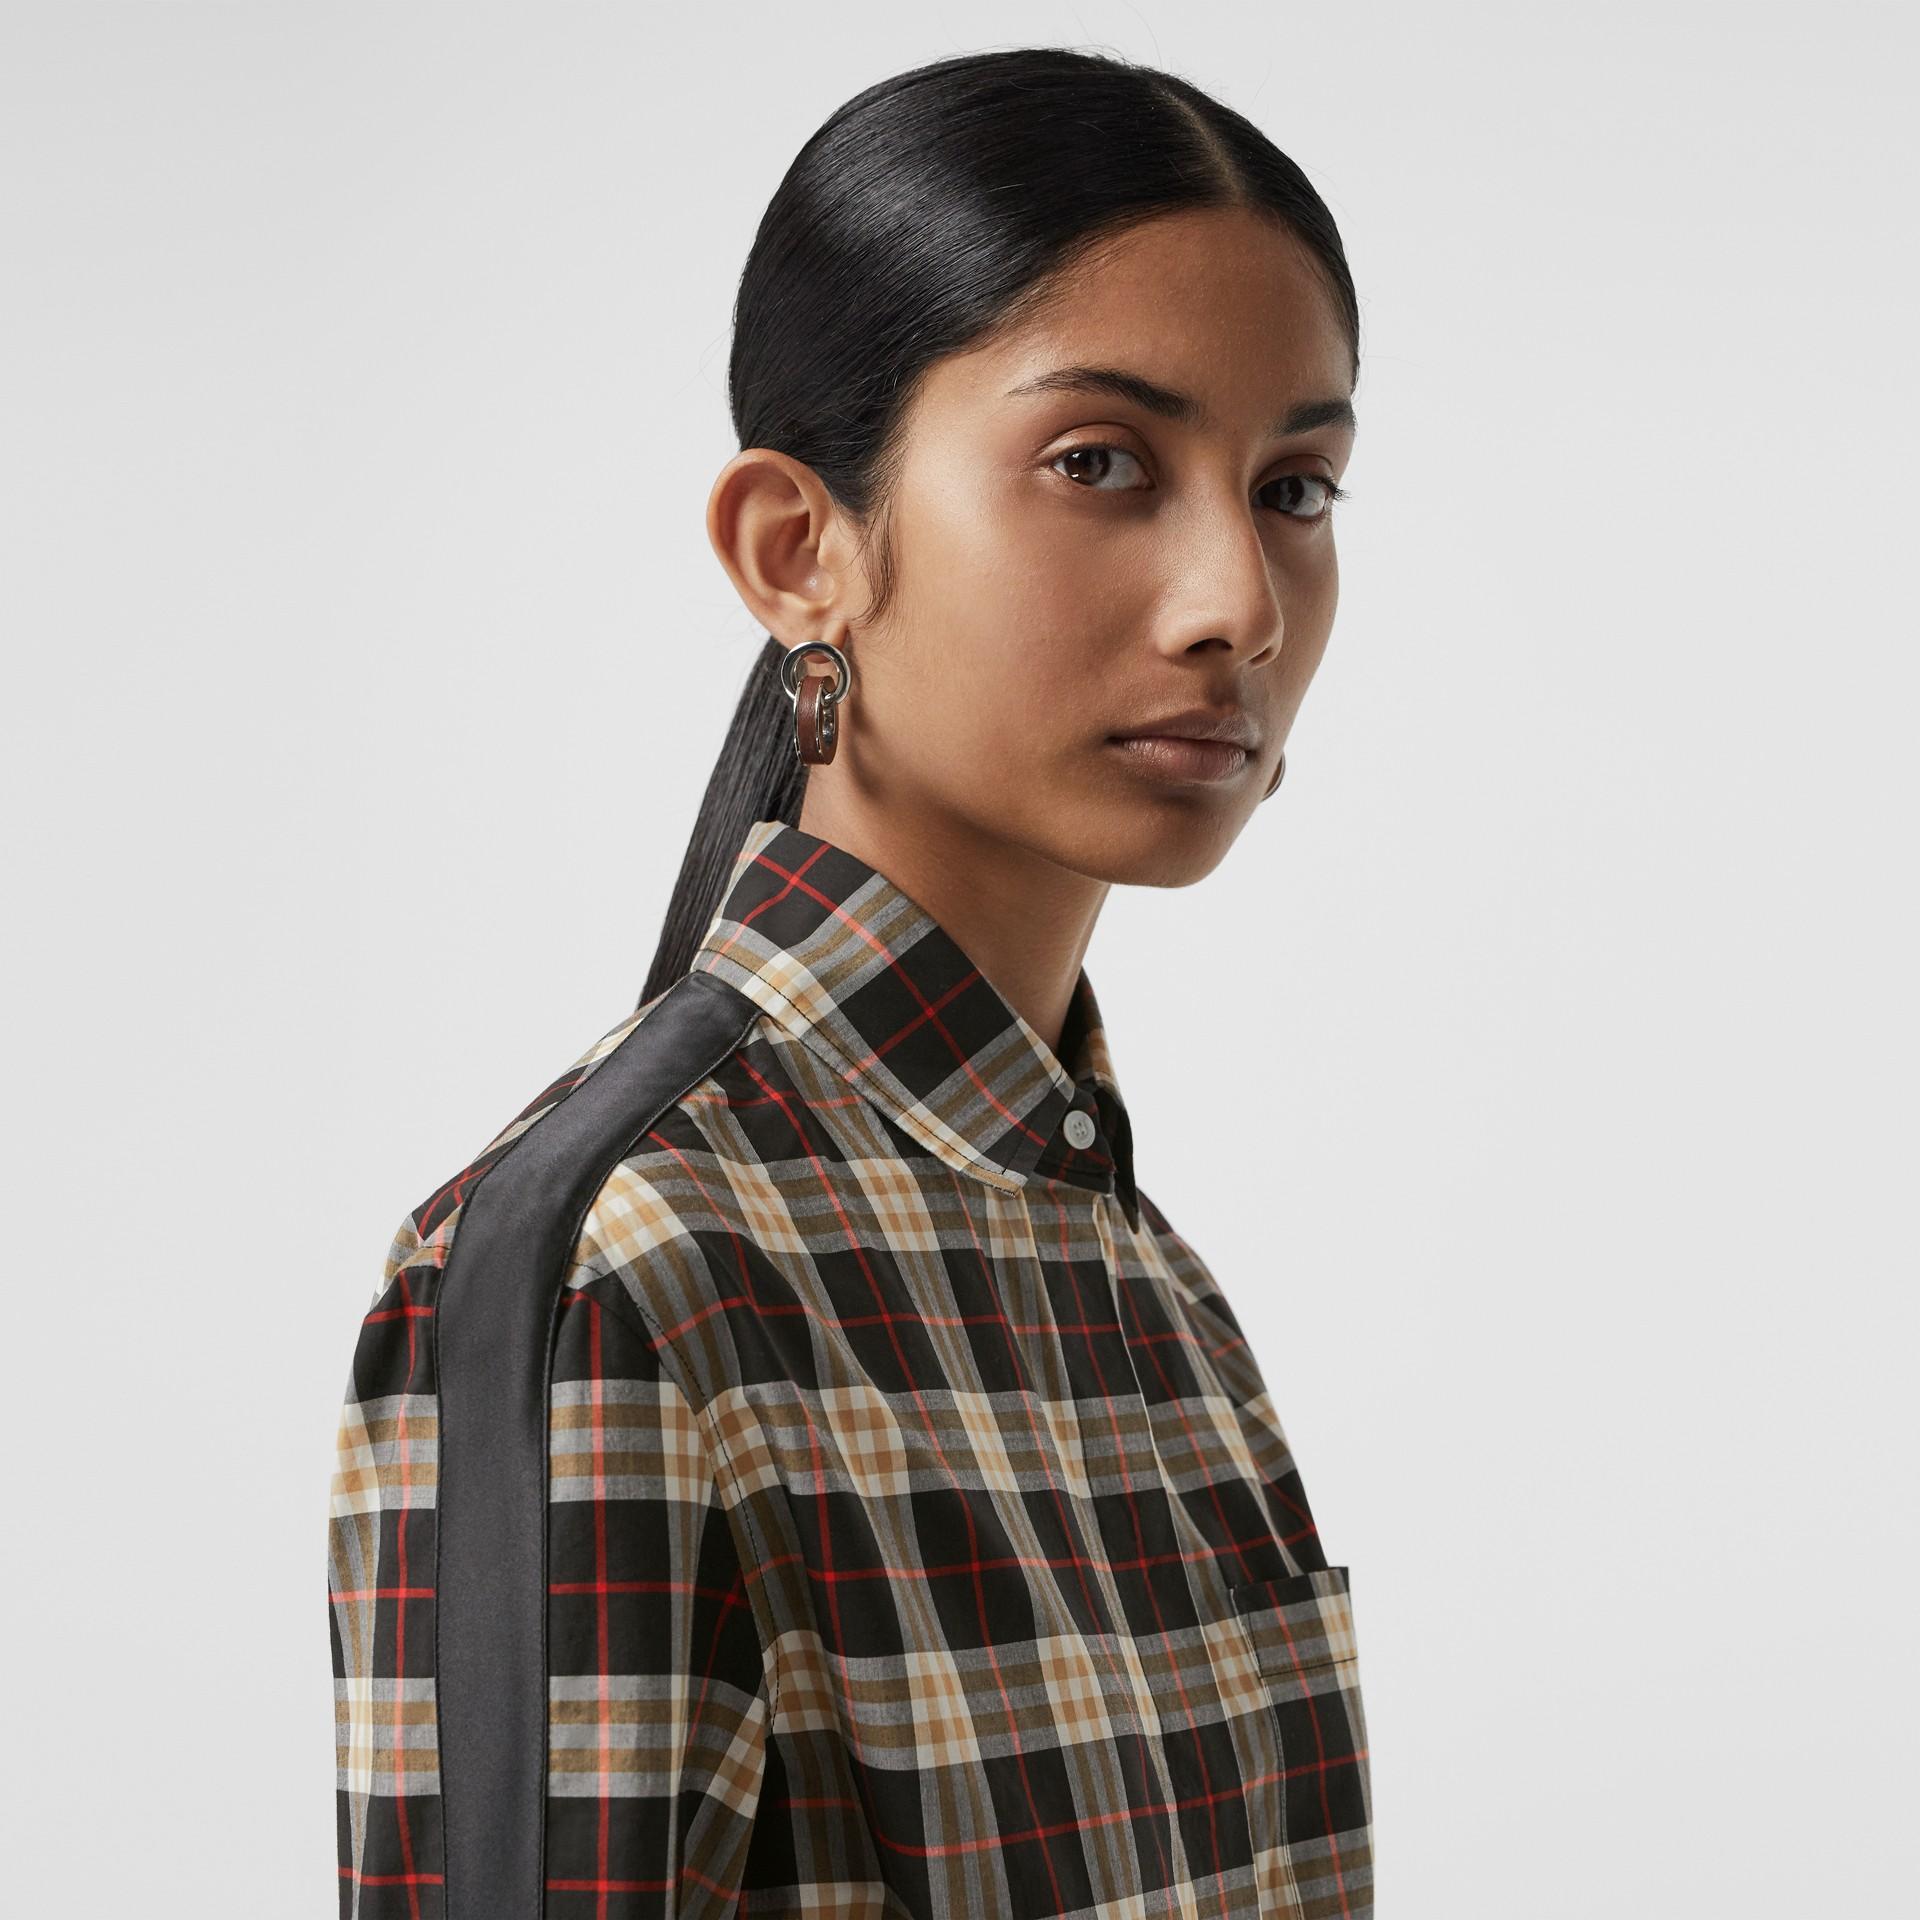 ストライプディテール チェック コットンシャツ (ミッドナイト) - ウィメンズ | バーバリー - ギャラリーイメージ 1